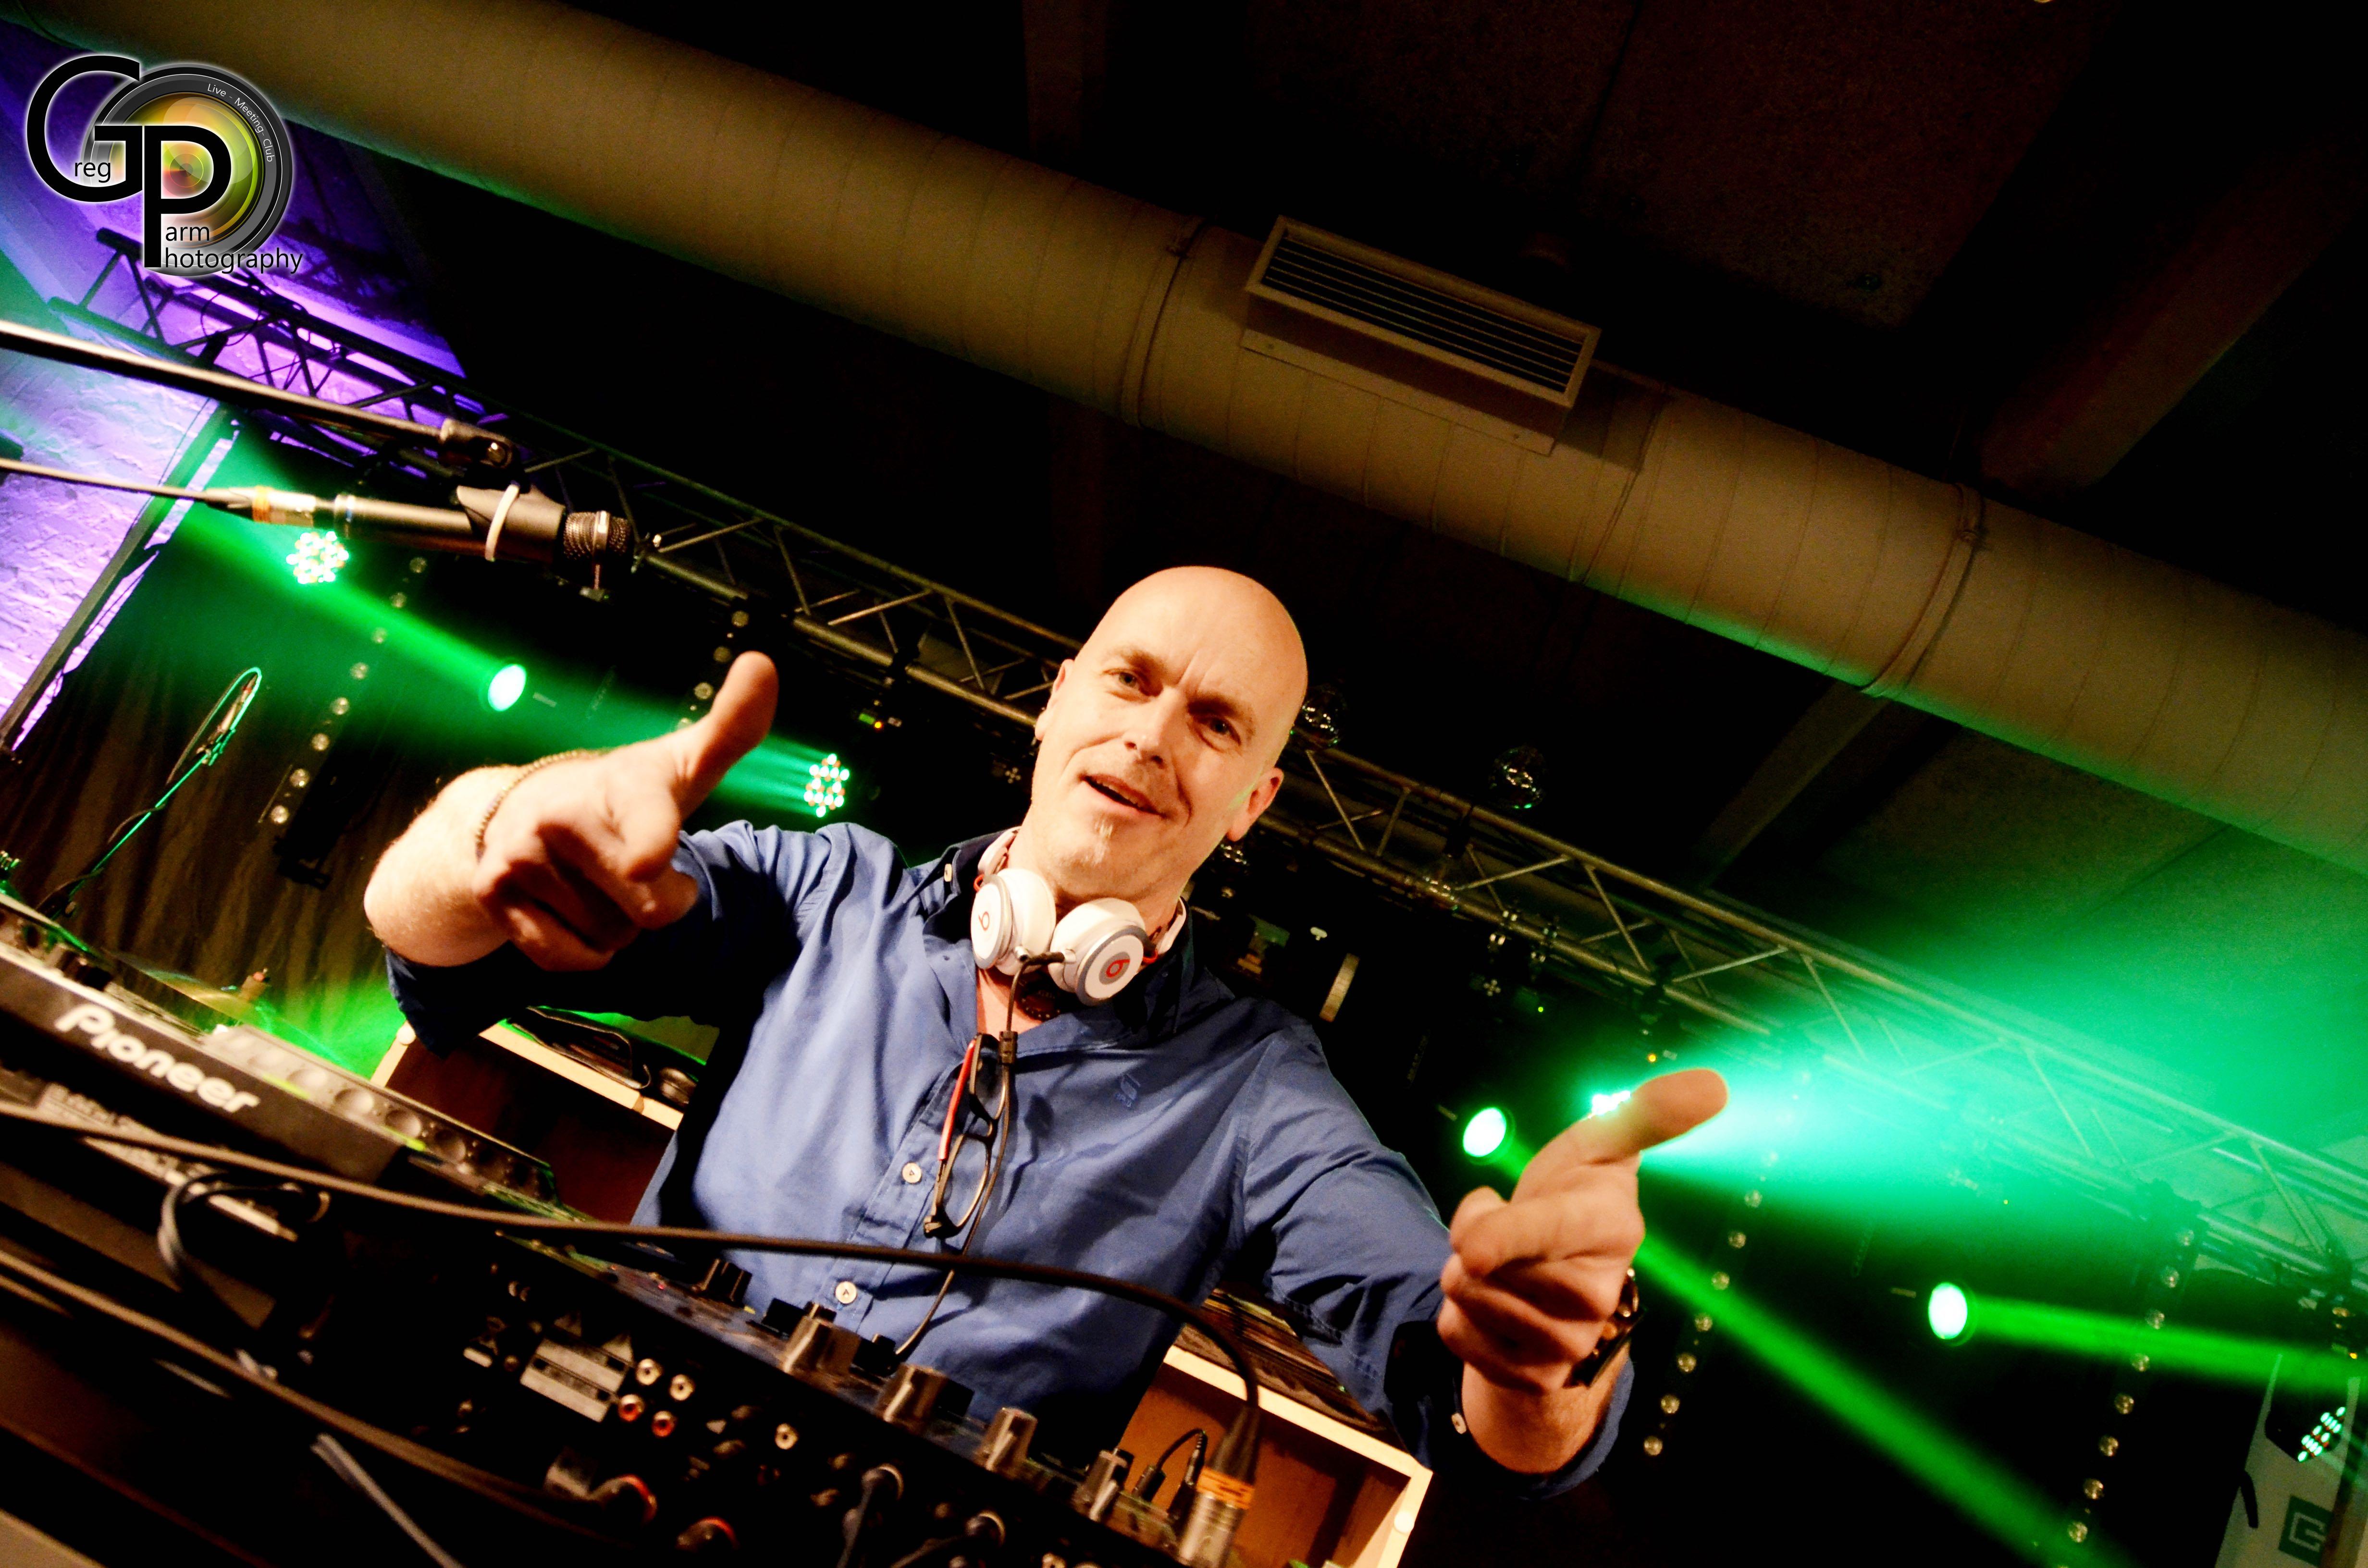 DJ Marc Baiwir